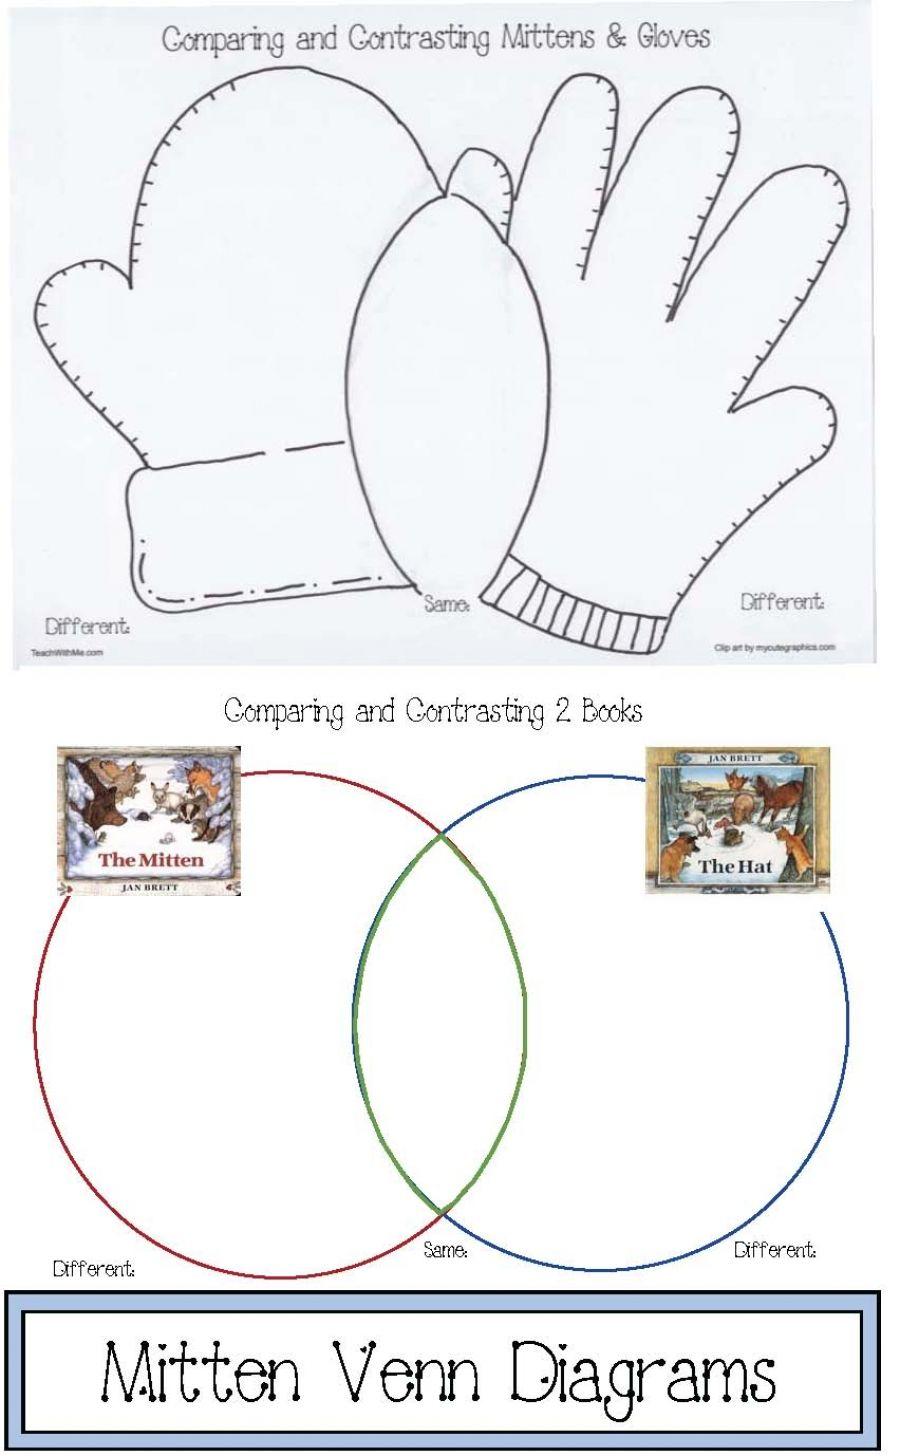 mitten venn diagrams [ 900 x 1456 Pixel ]